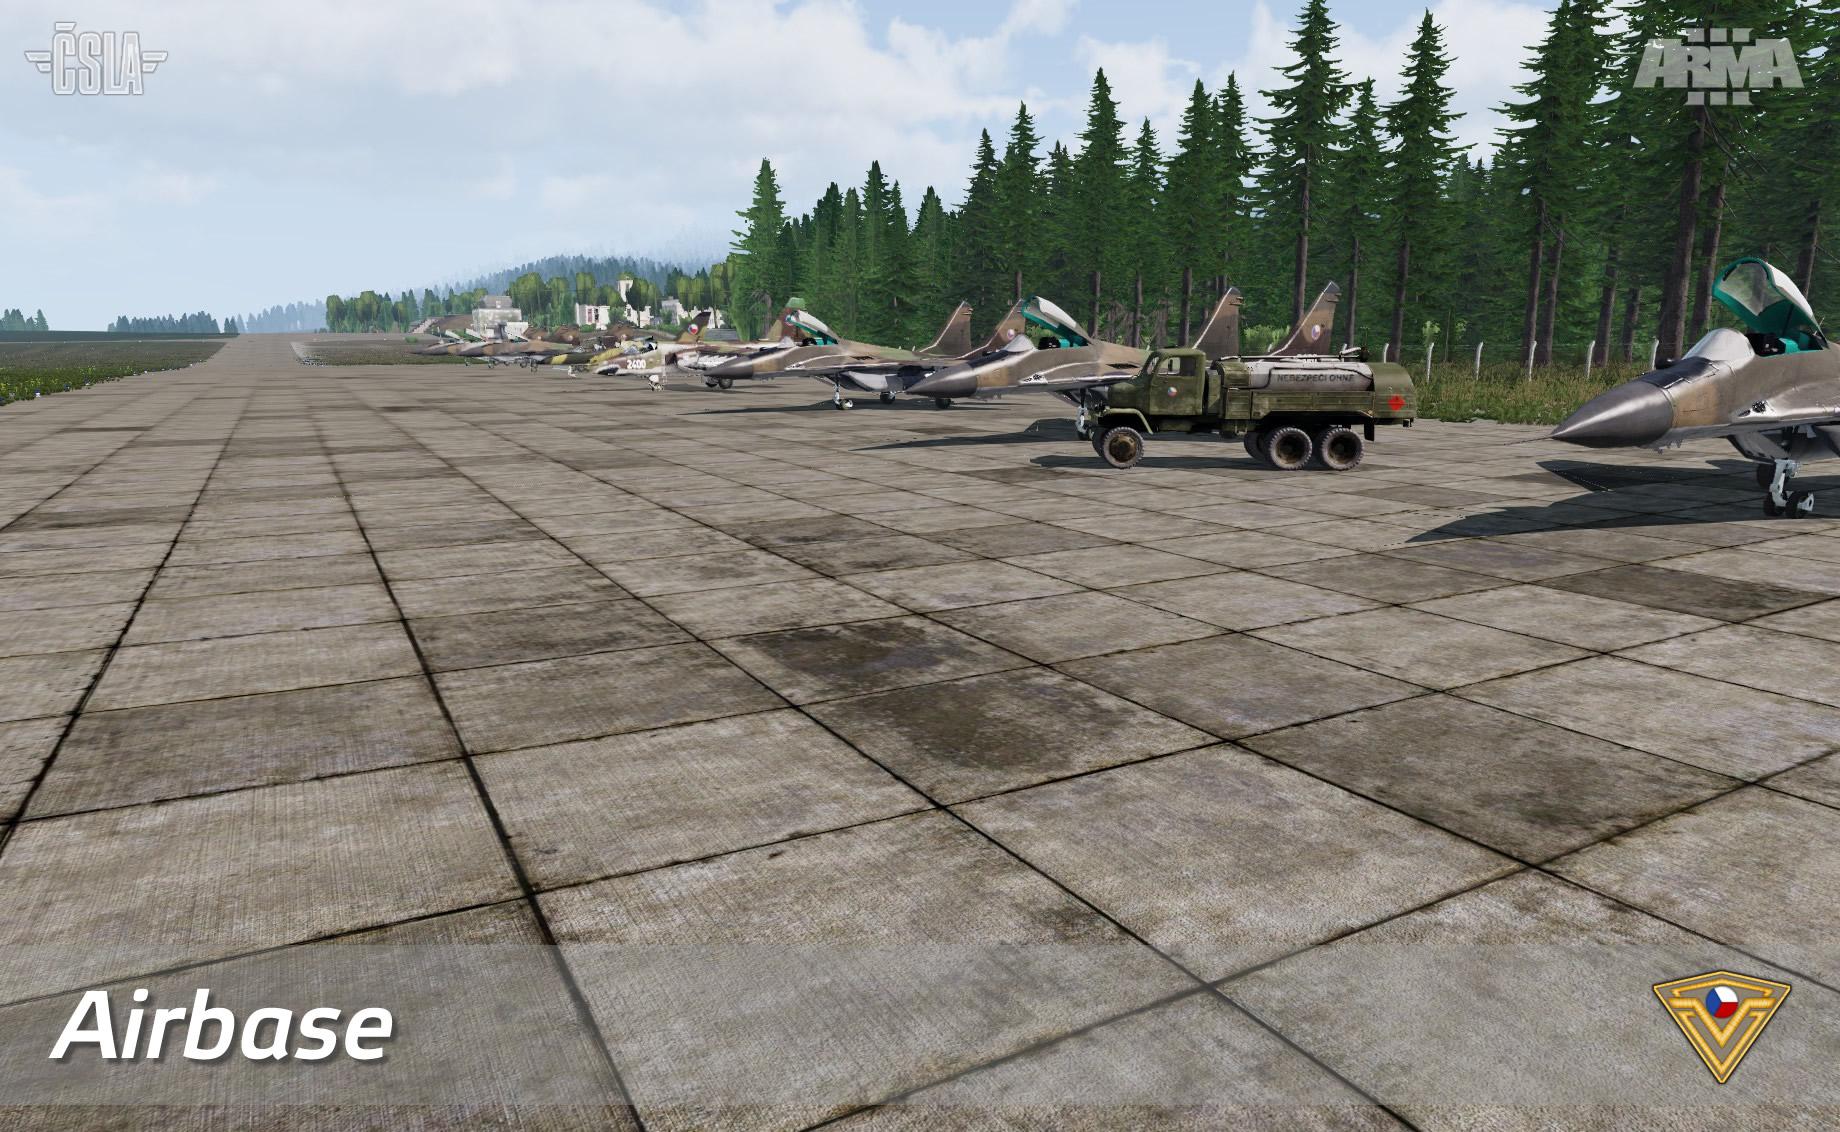 east_airbase_001.jpg